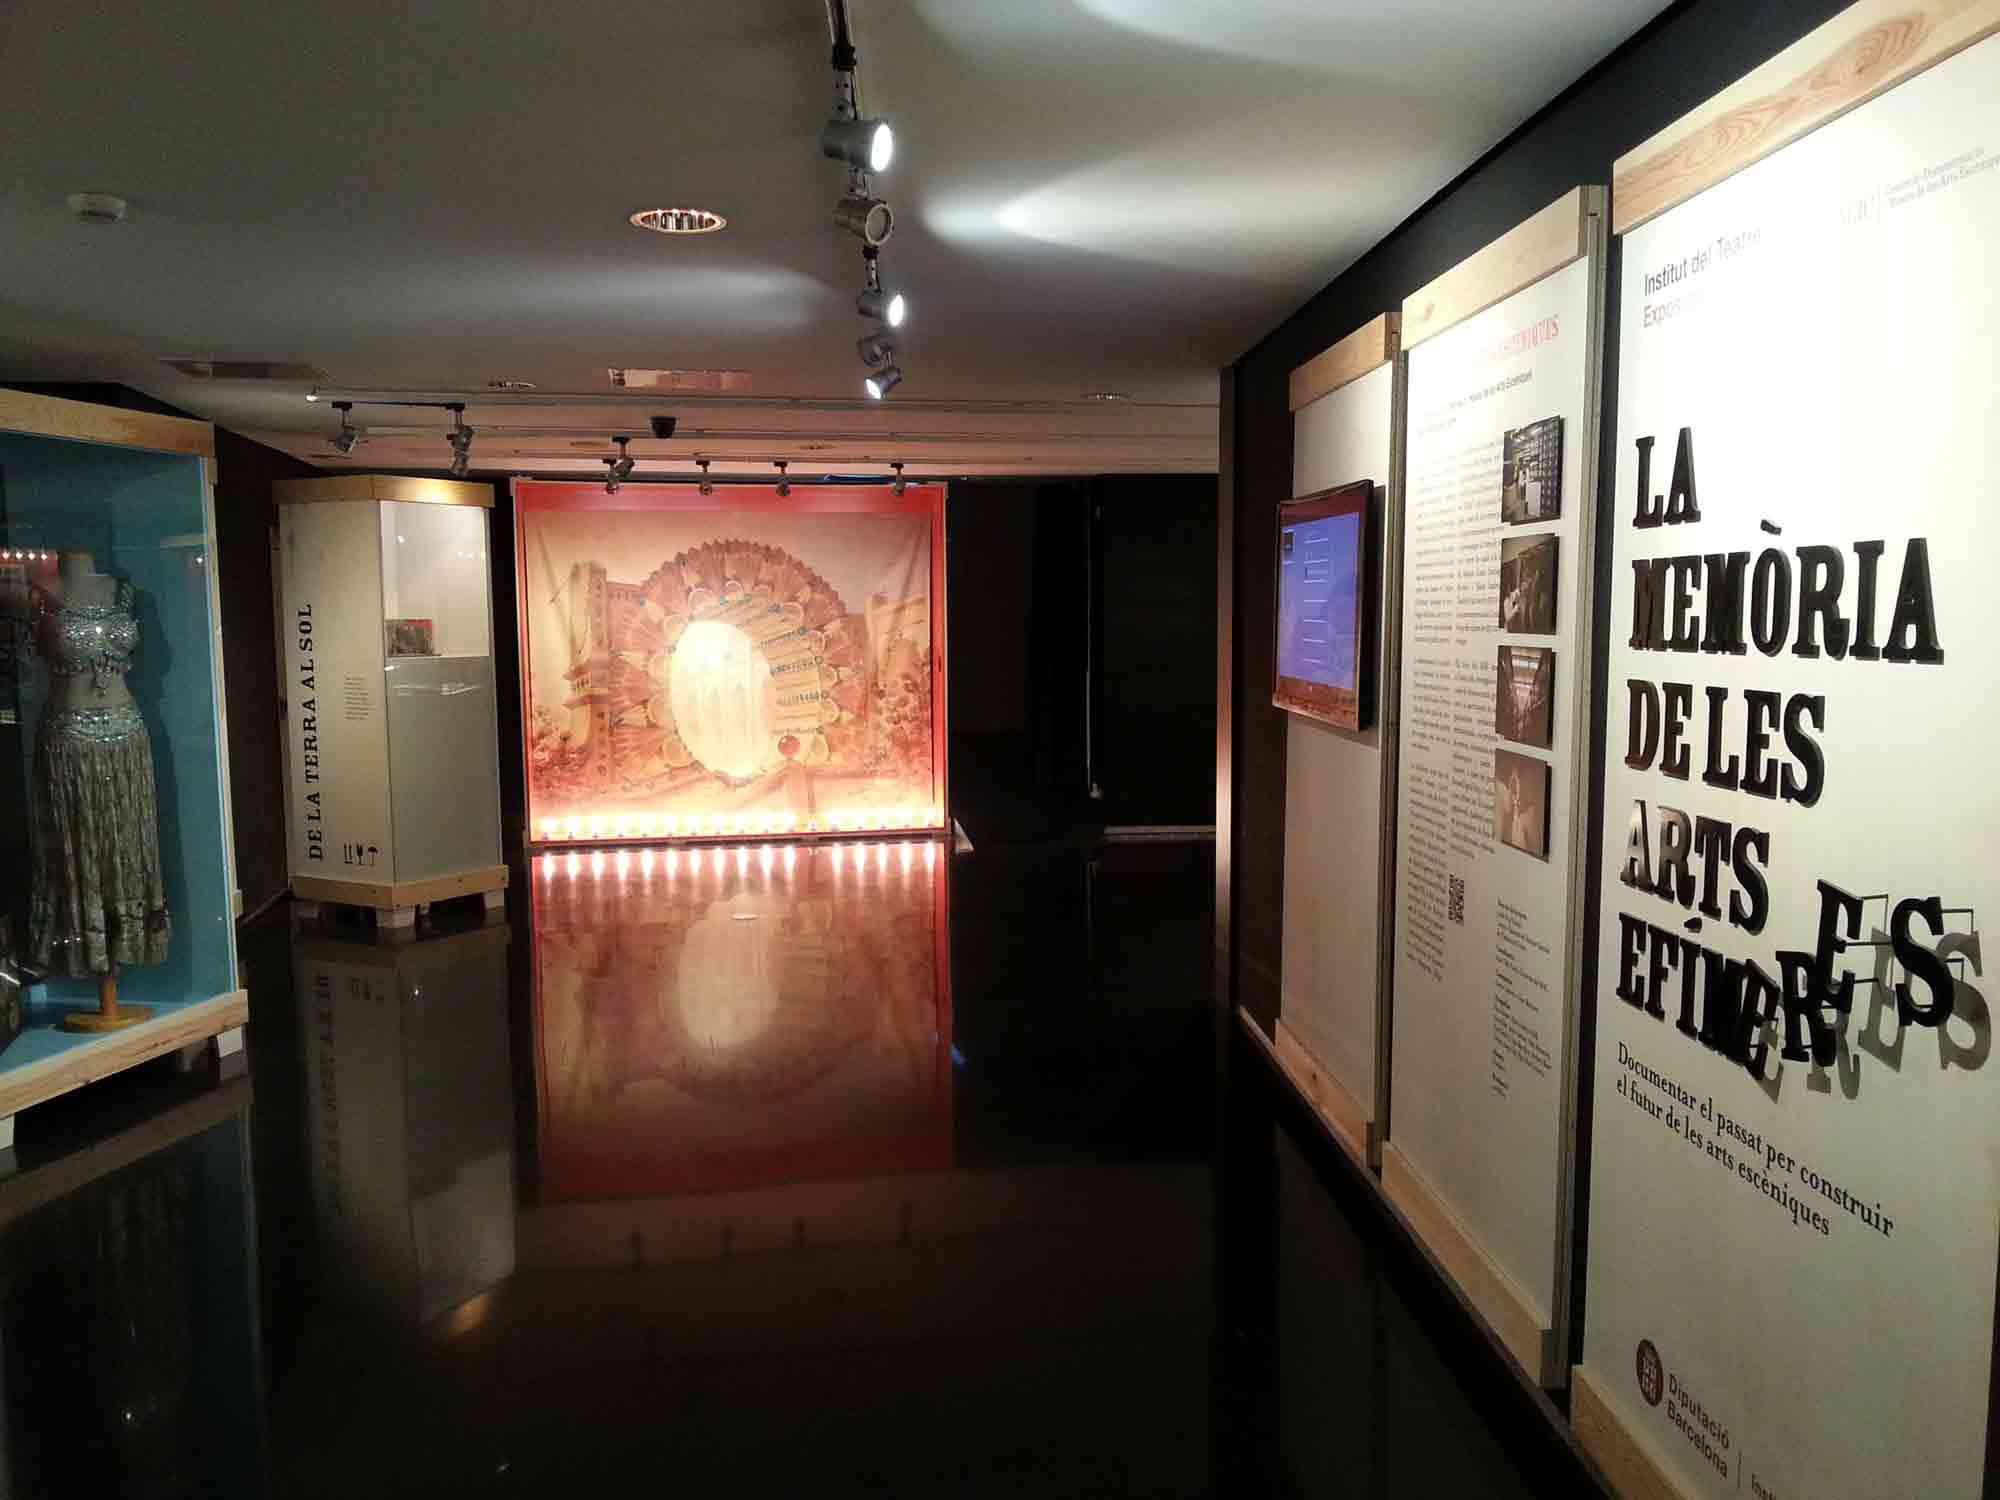 Sala d'exposicions del MAE. Exposiciió La Memòria de les arts efímeres